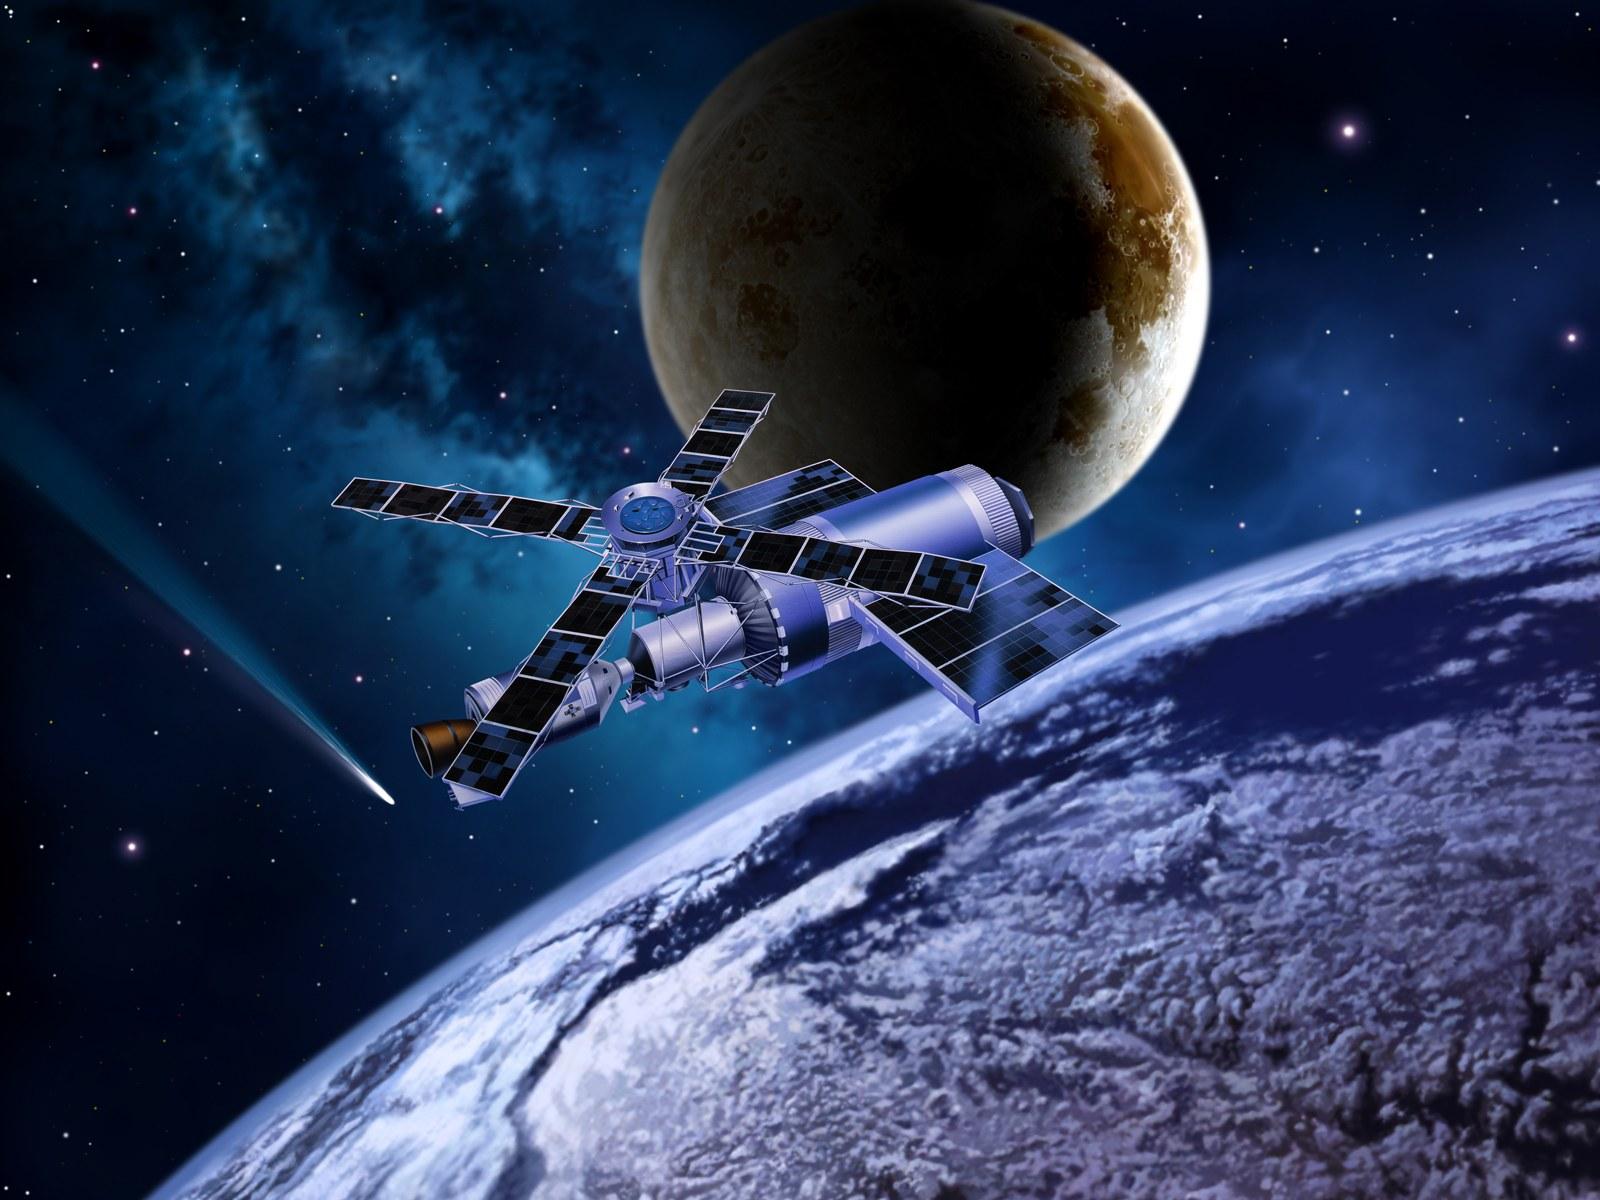 2019商业航天时间表出炉 将实现首次海上发射 -心流